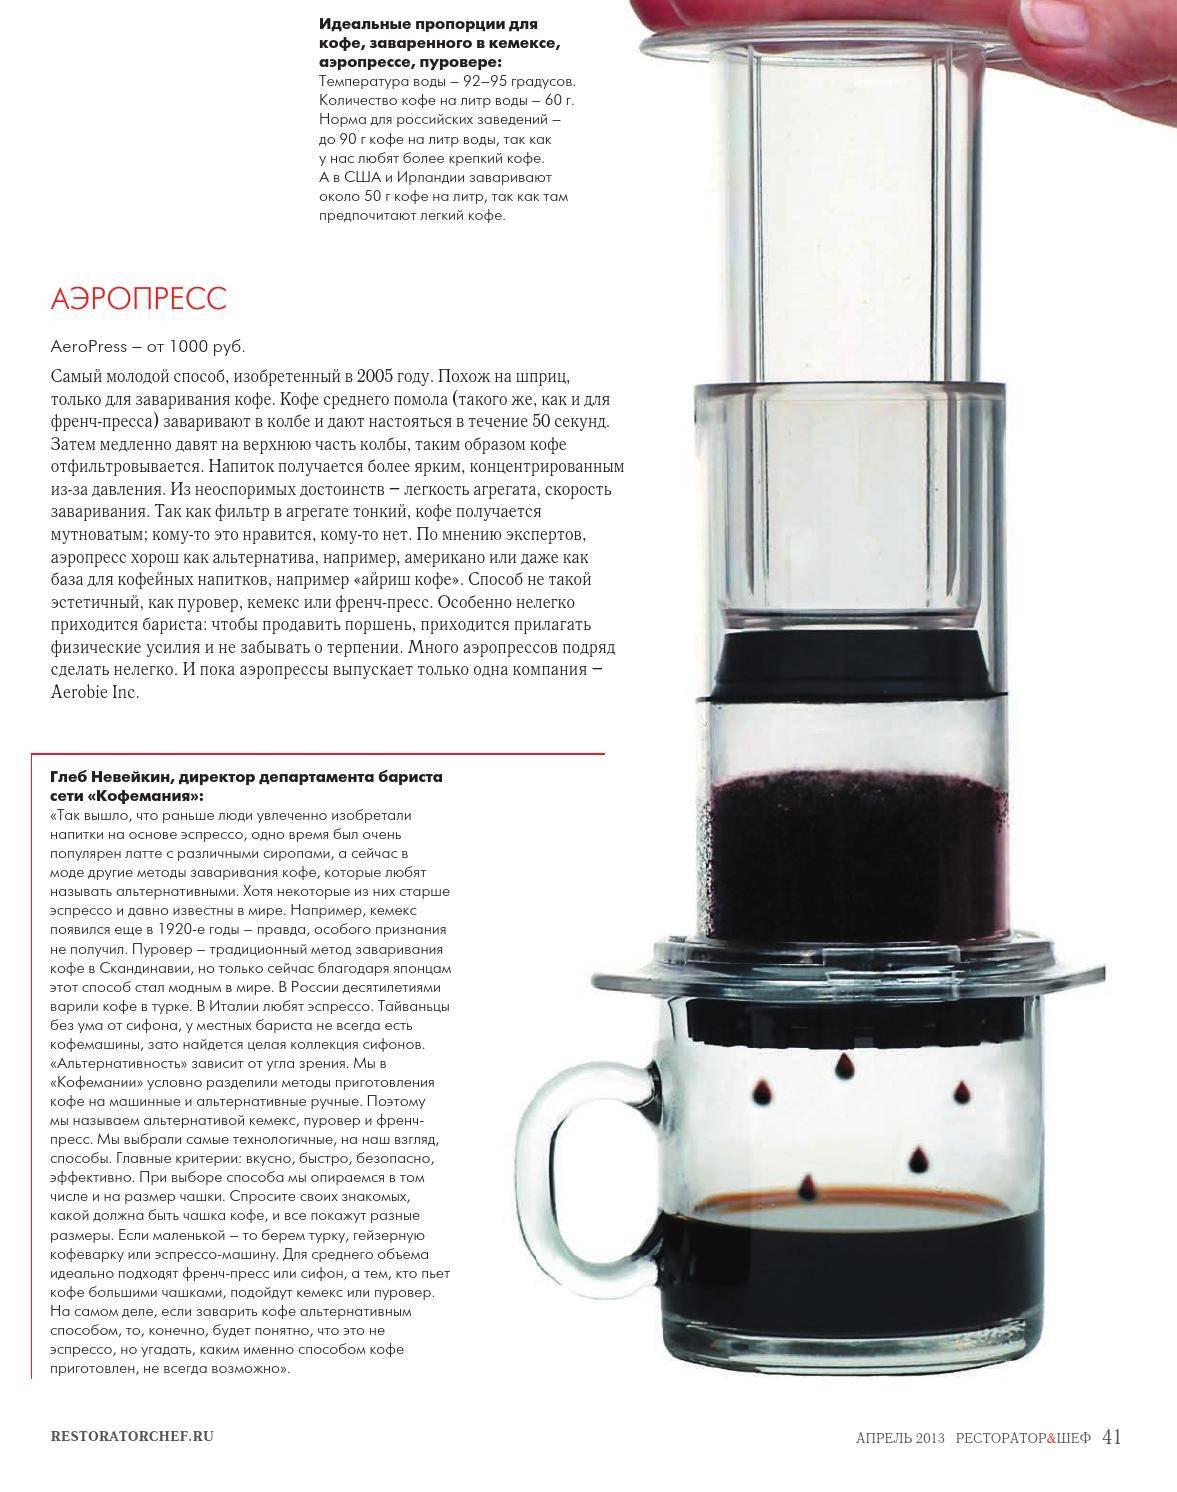 Аэропресс для кофе: понятие, как выбрать и пользоваться